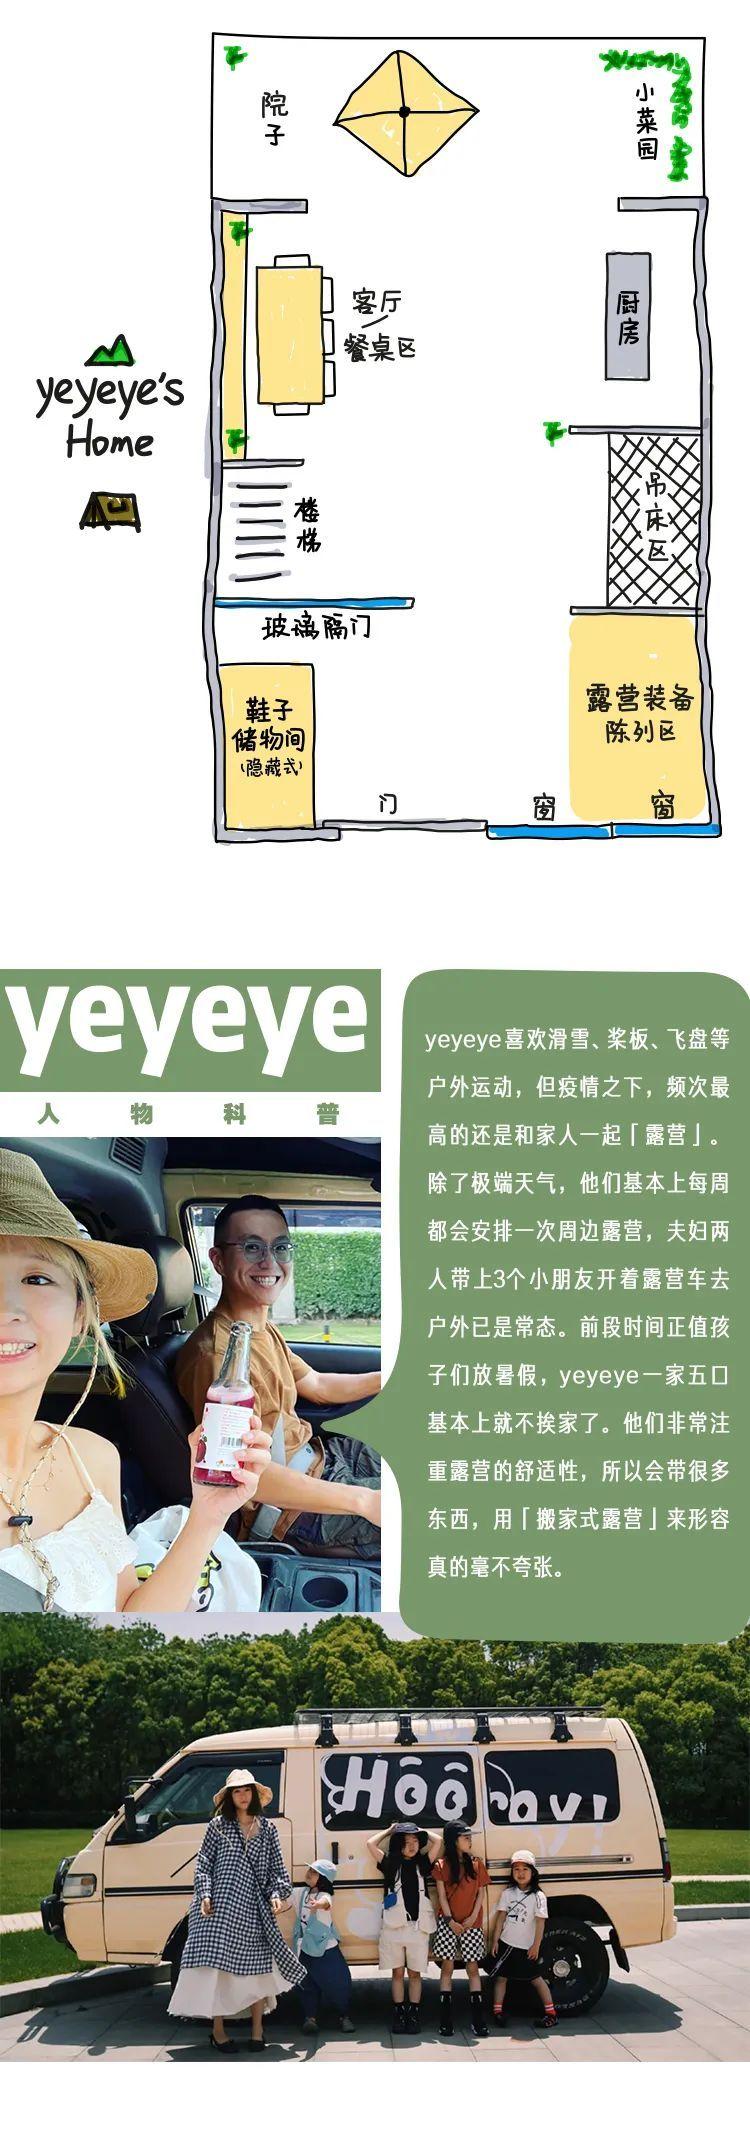 yeyeye:居住空间是自己利用出来的